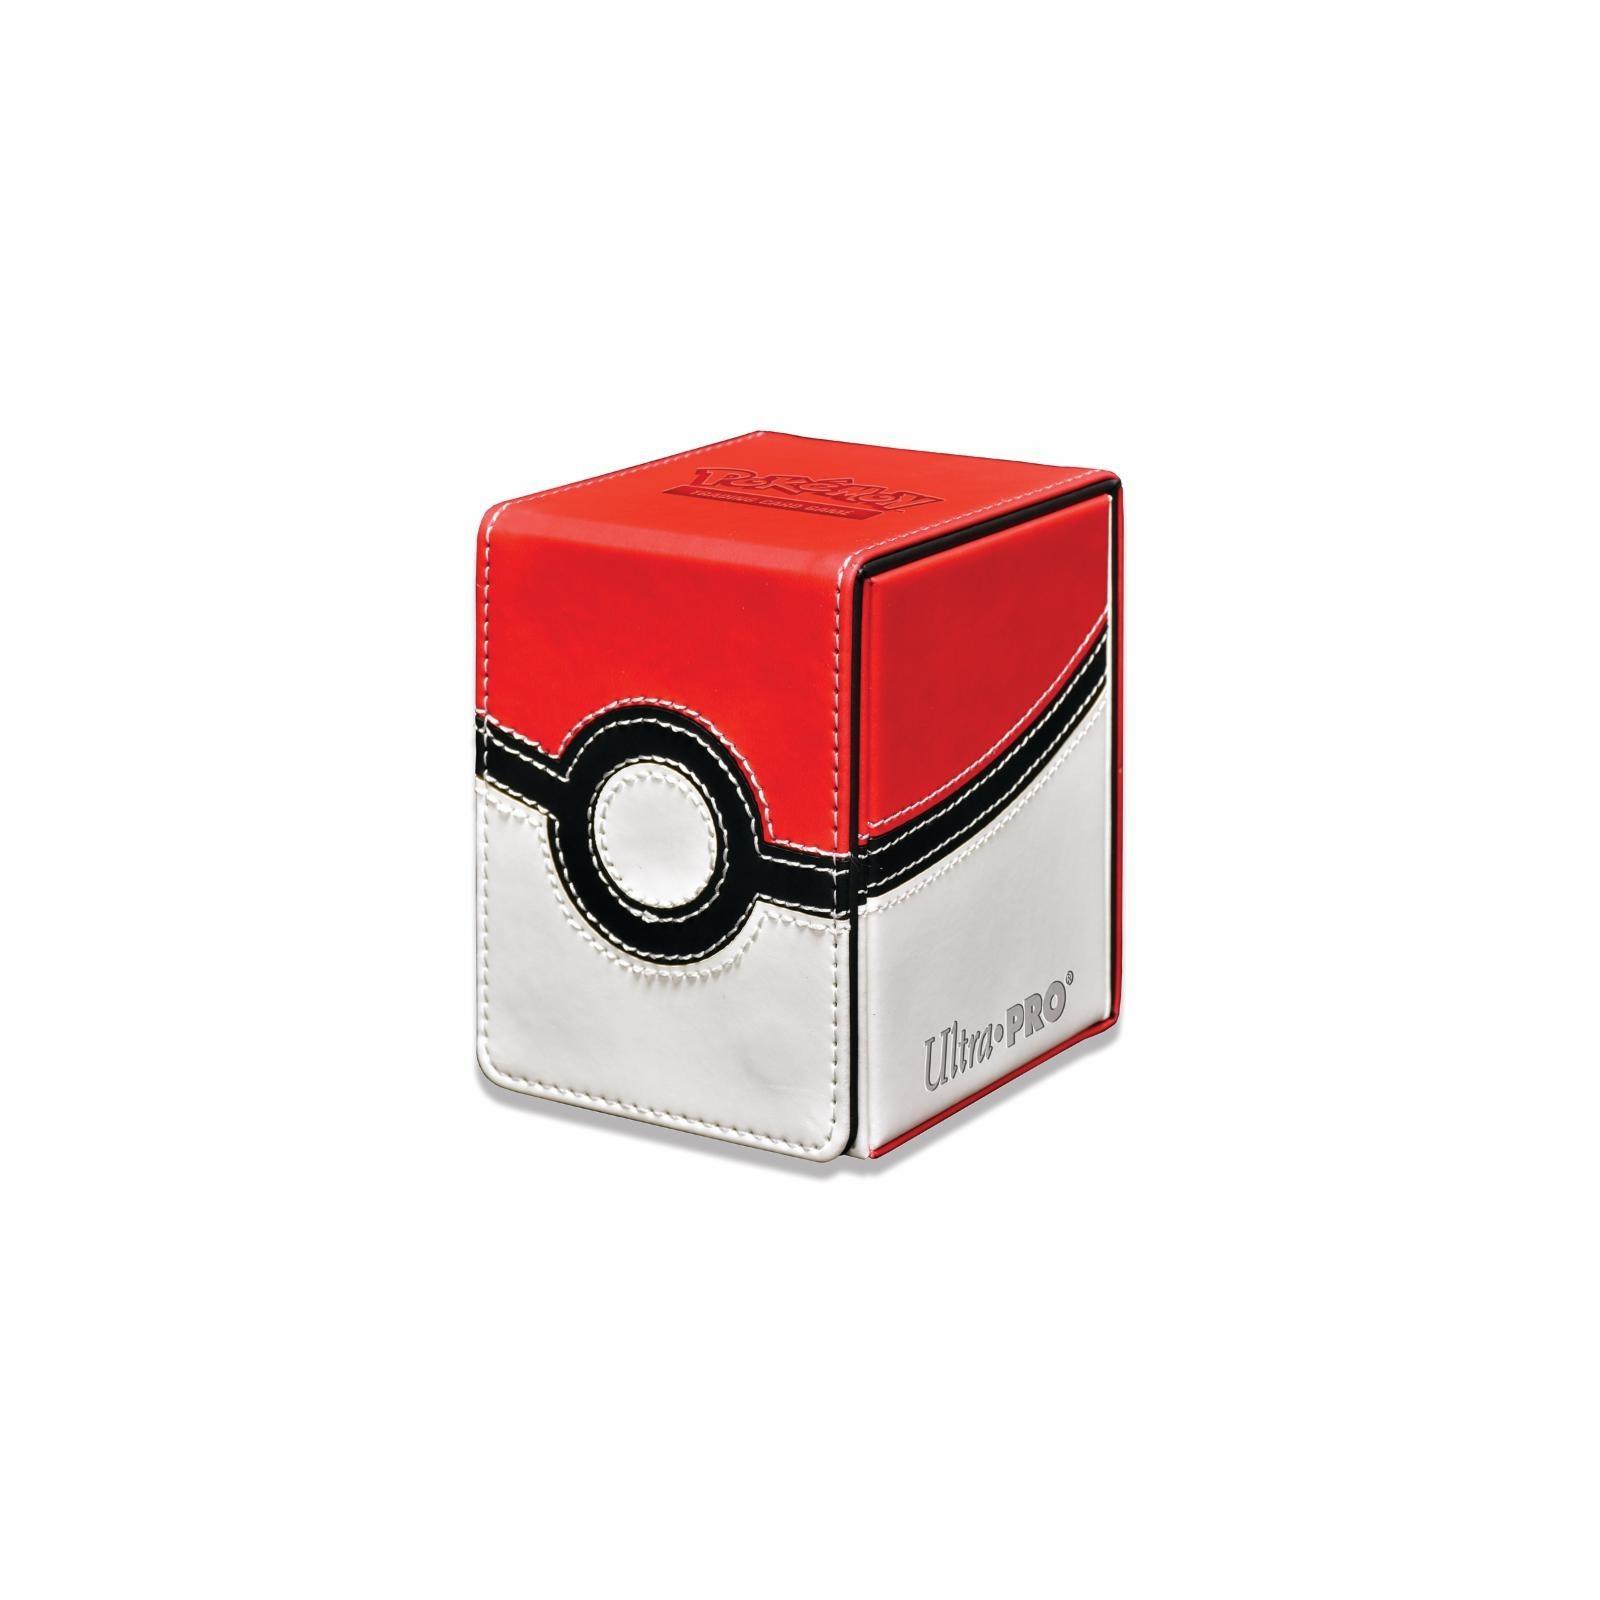 Deck Box Alcove - Pokemon - Poke Ball